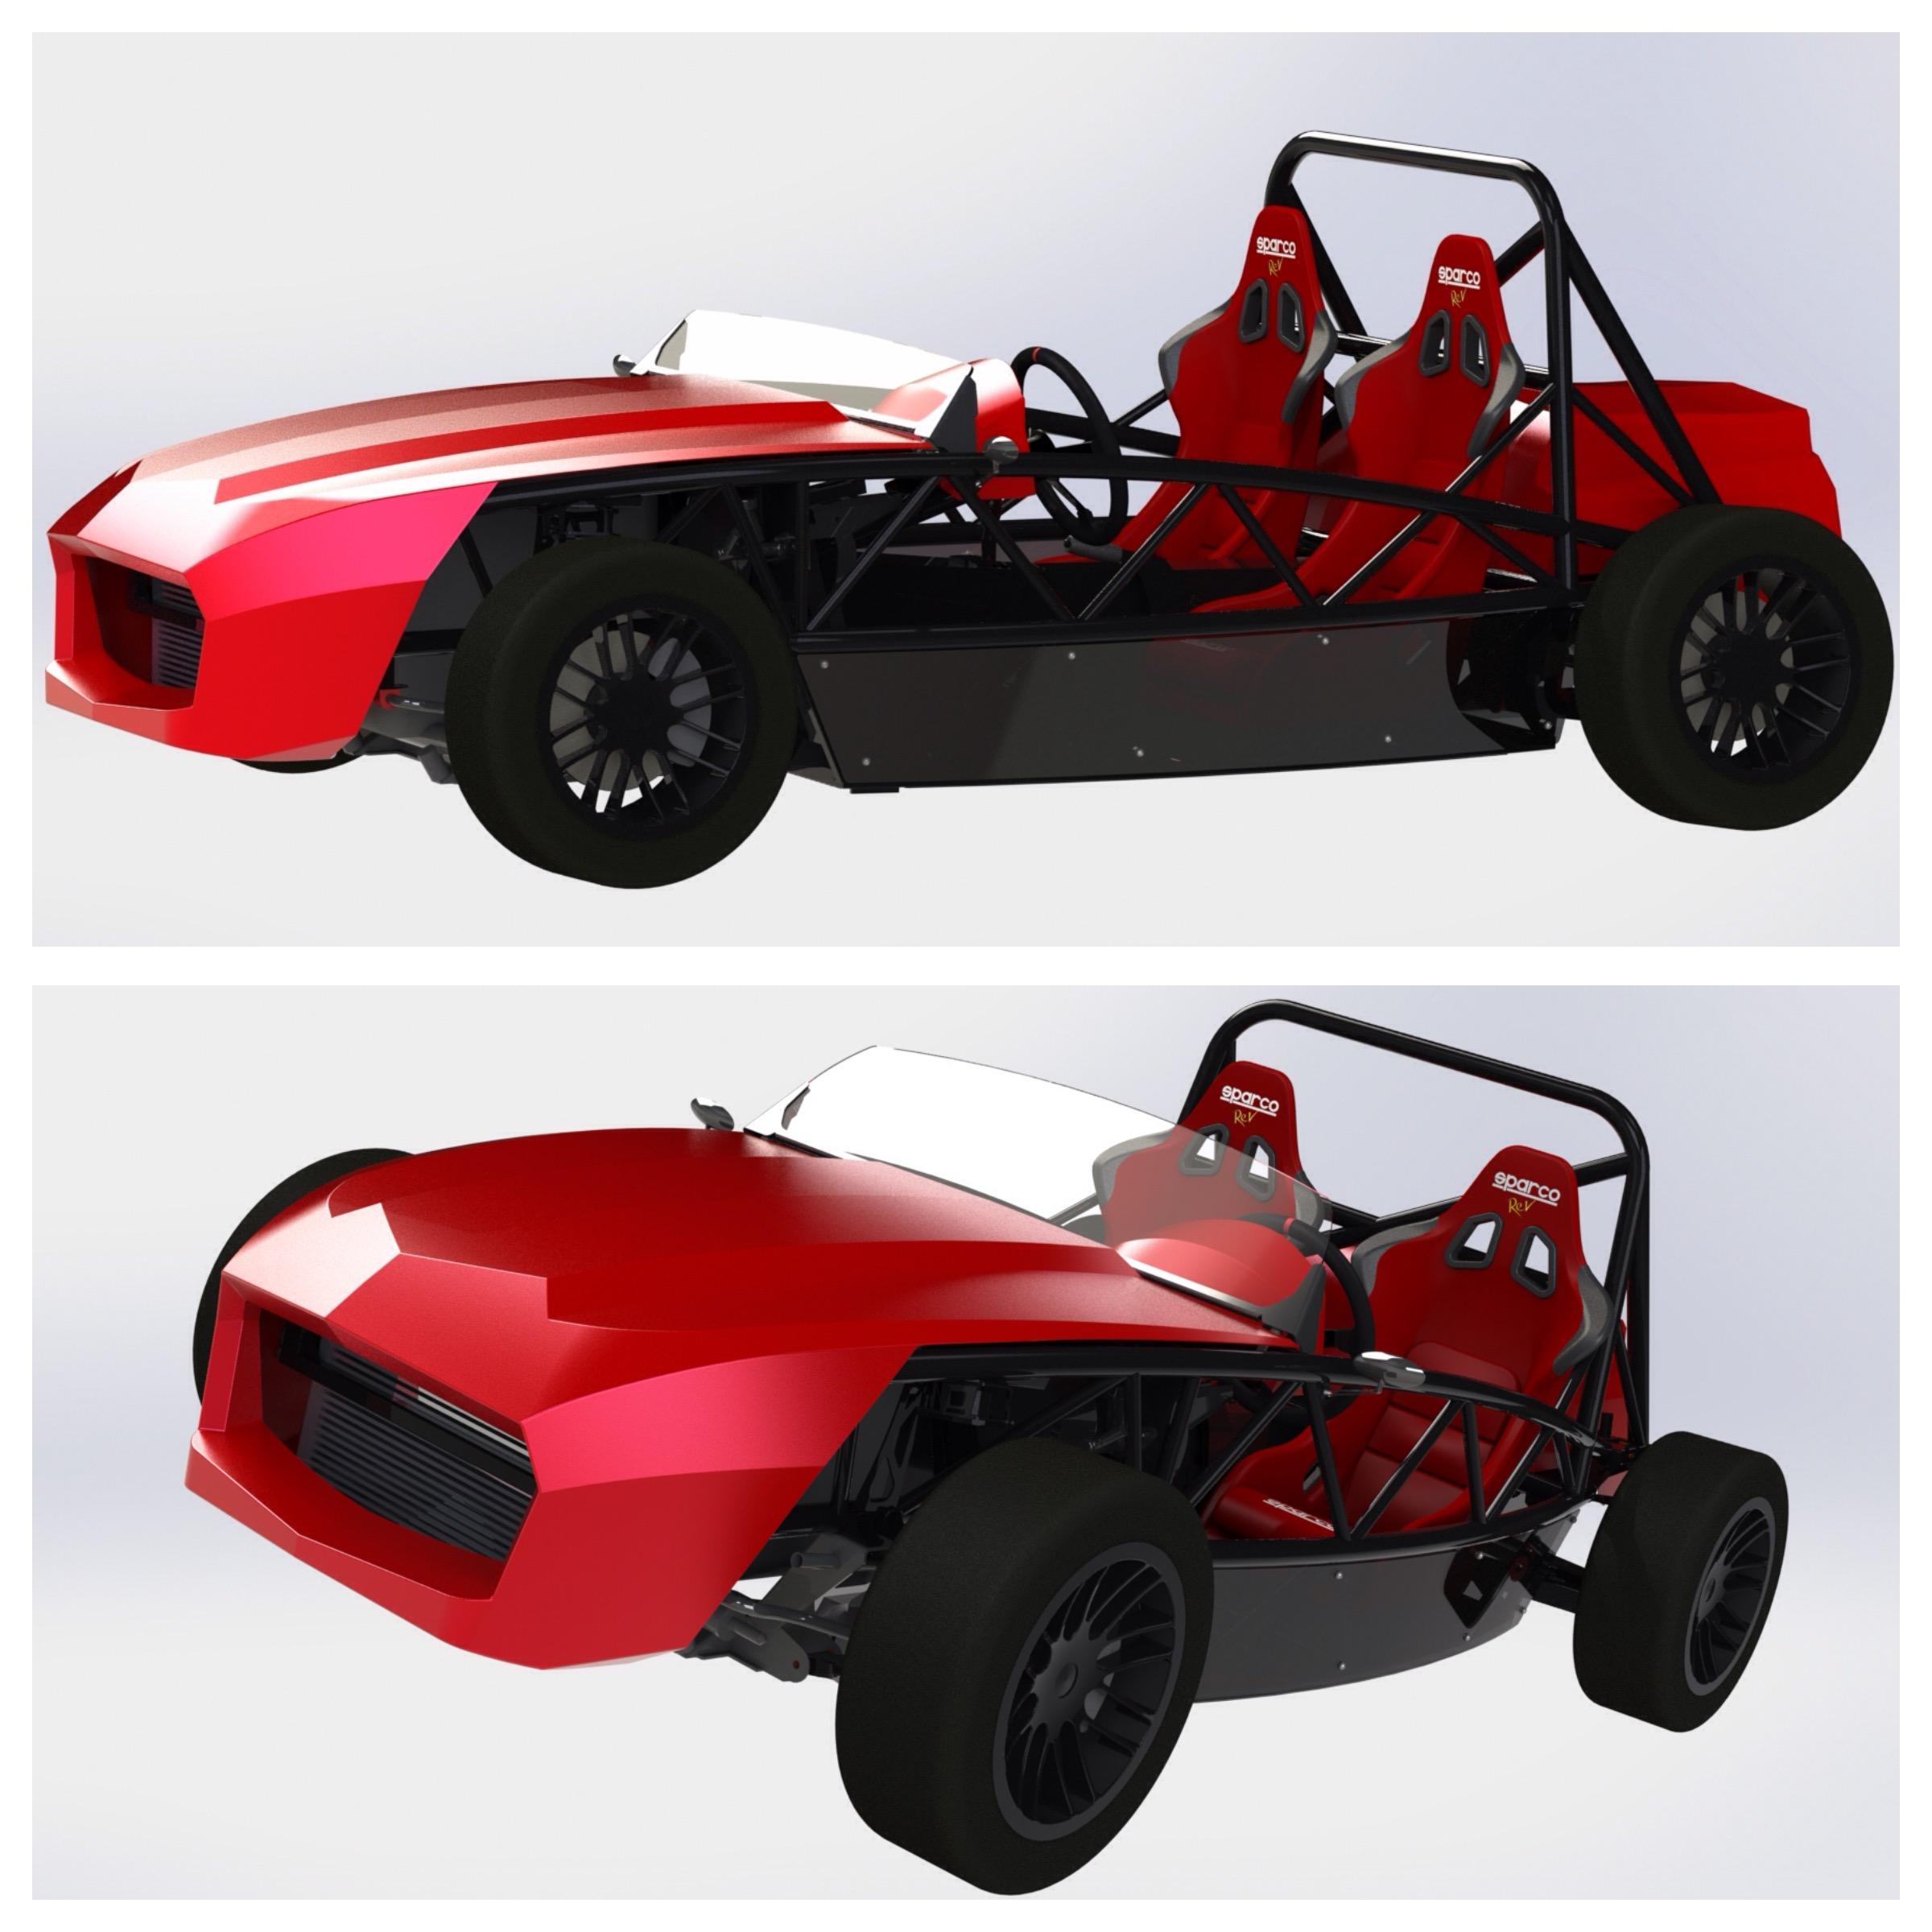 Exomotive - US Manufacturer Of Exocars & Kit Cars